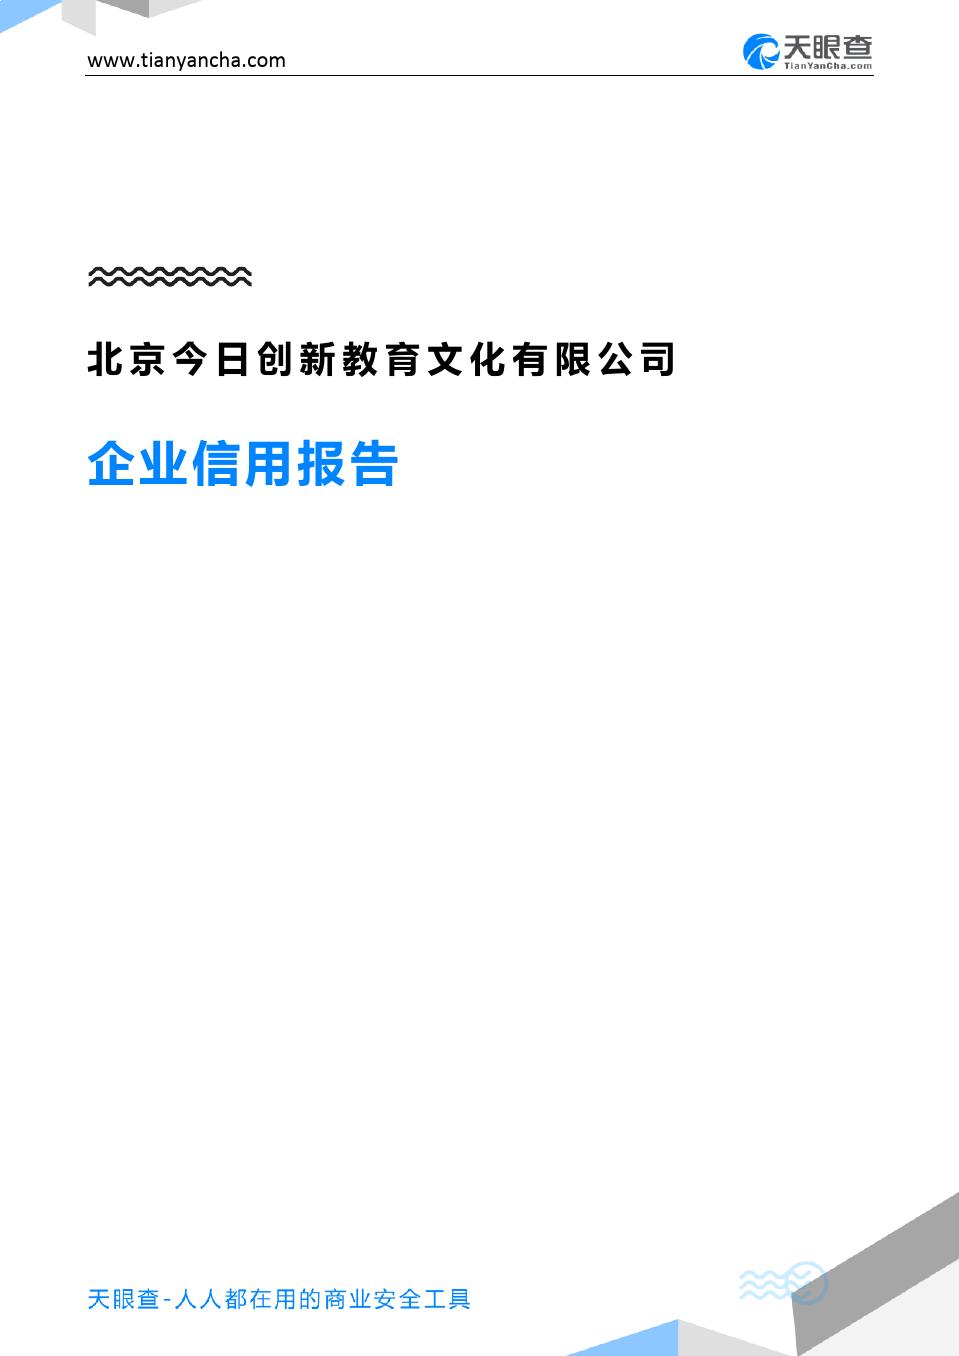 北京今日创新教育文化有限公司(企业信用报告)- 天眼查